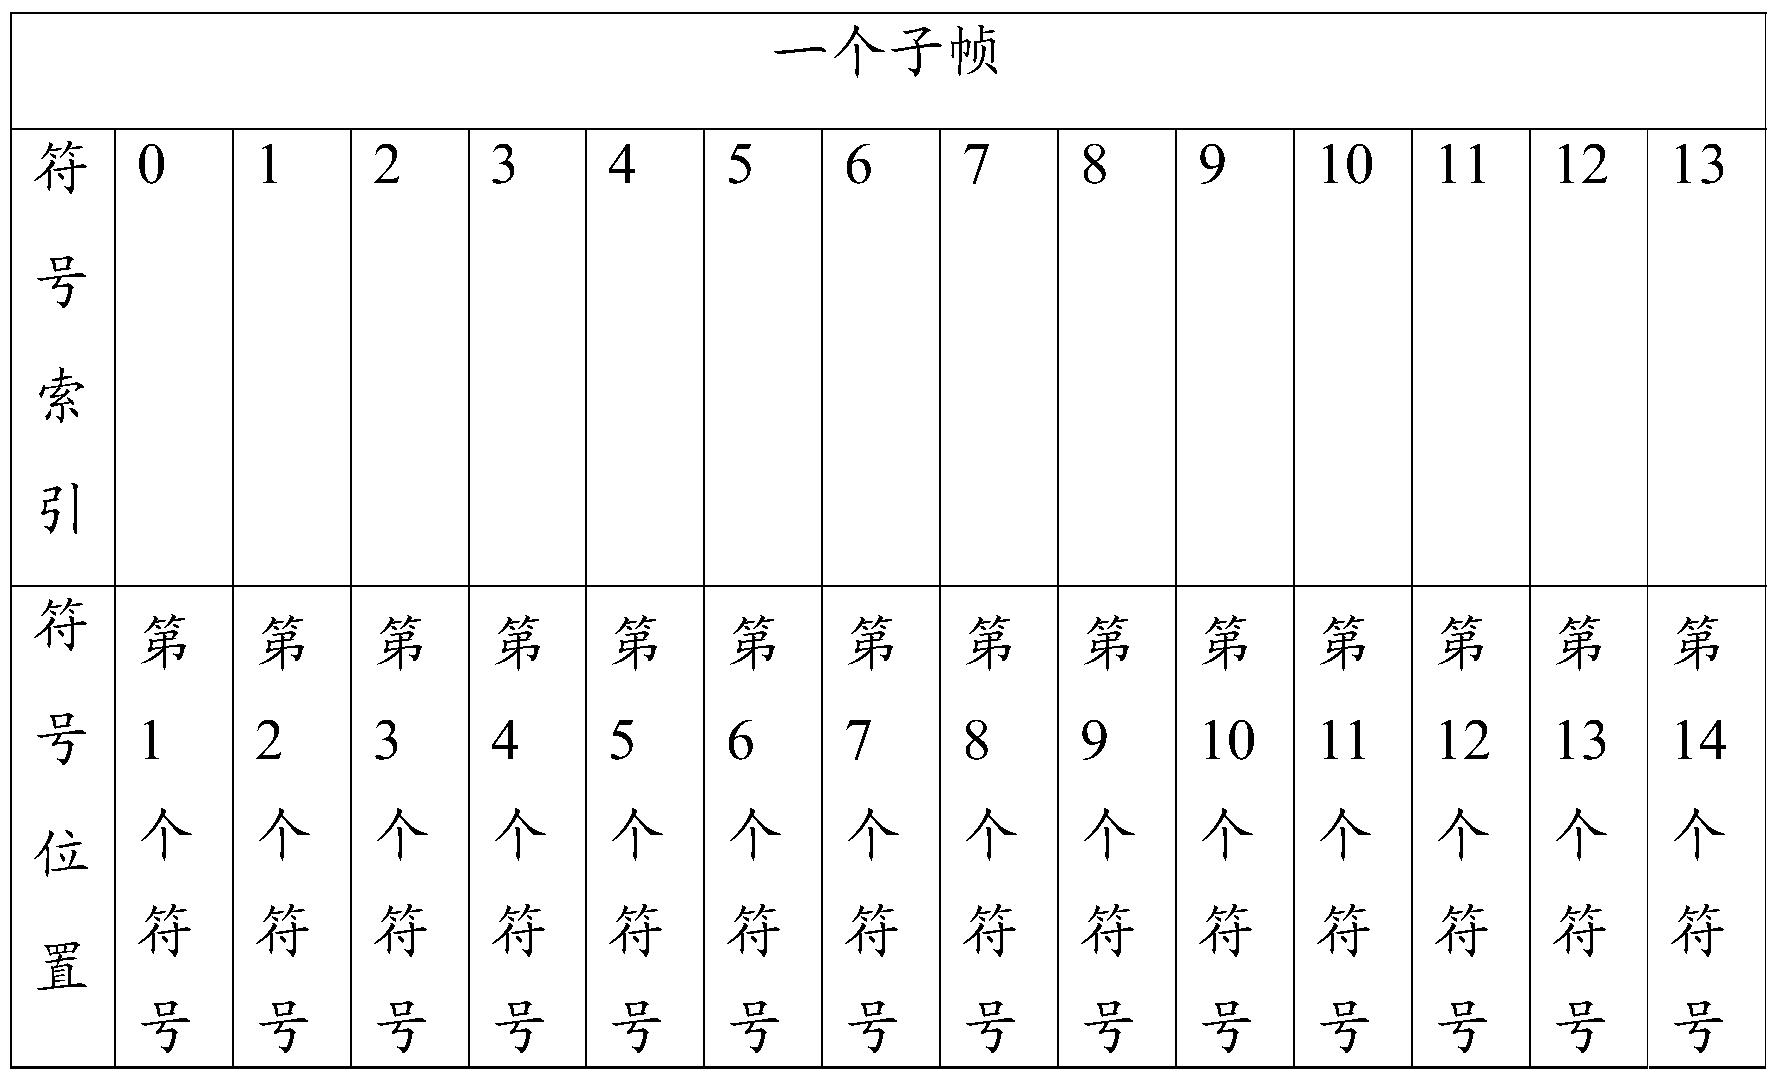 Figure PCTCN2014090655-appb-000009